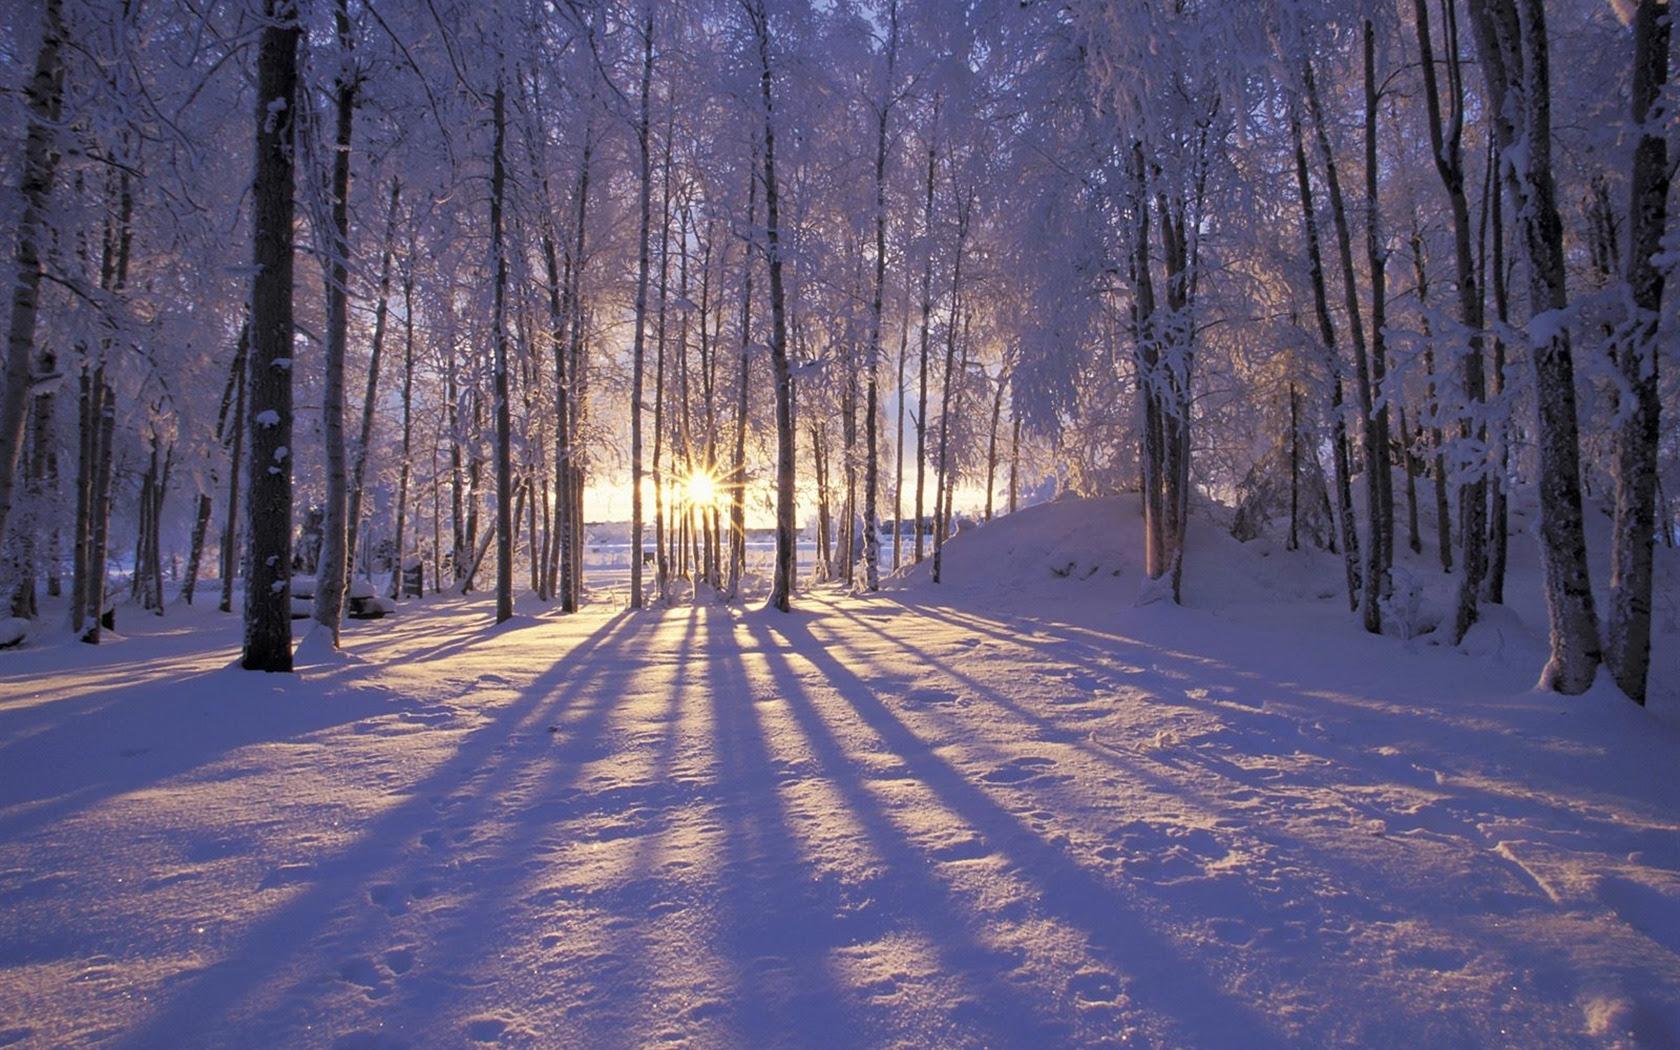 冬の雪の壁紙 3 9 1680x1050 壁紙ダウンロード 冬の雪の壁紙 3